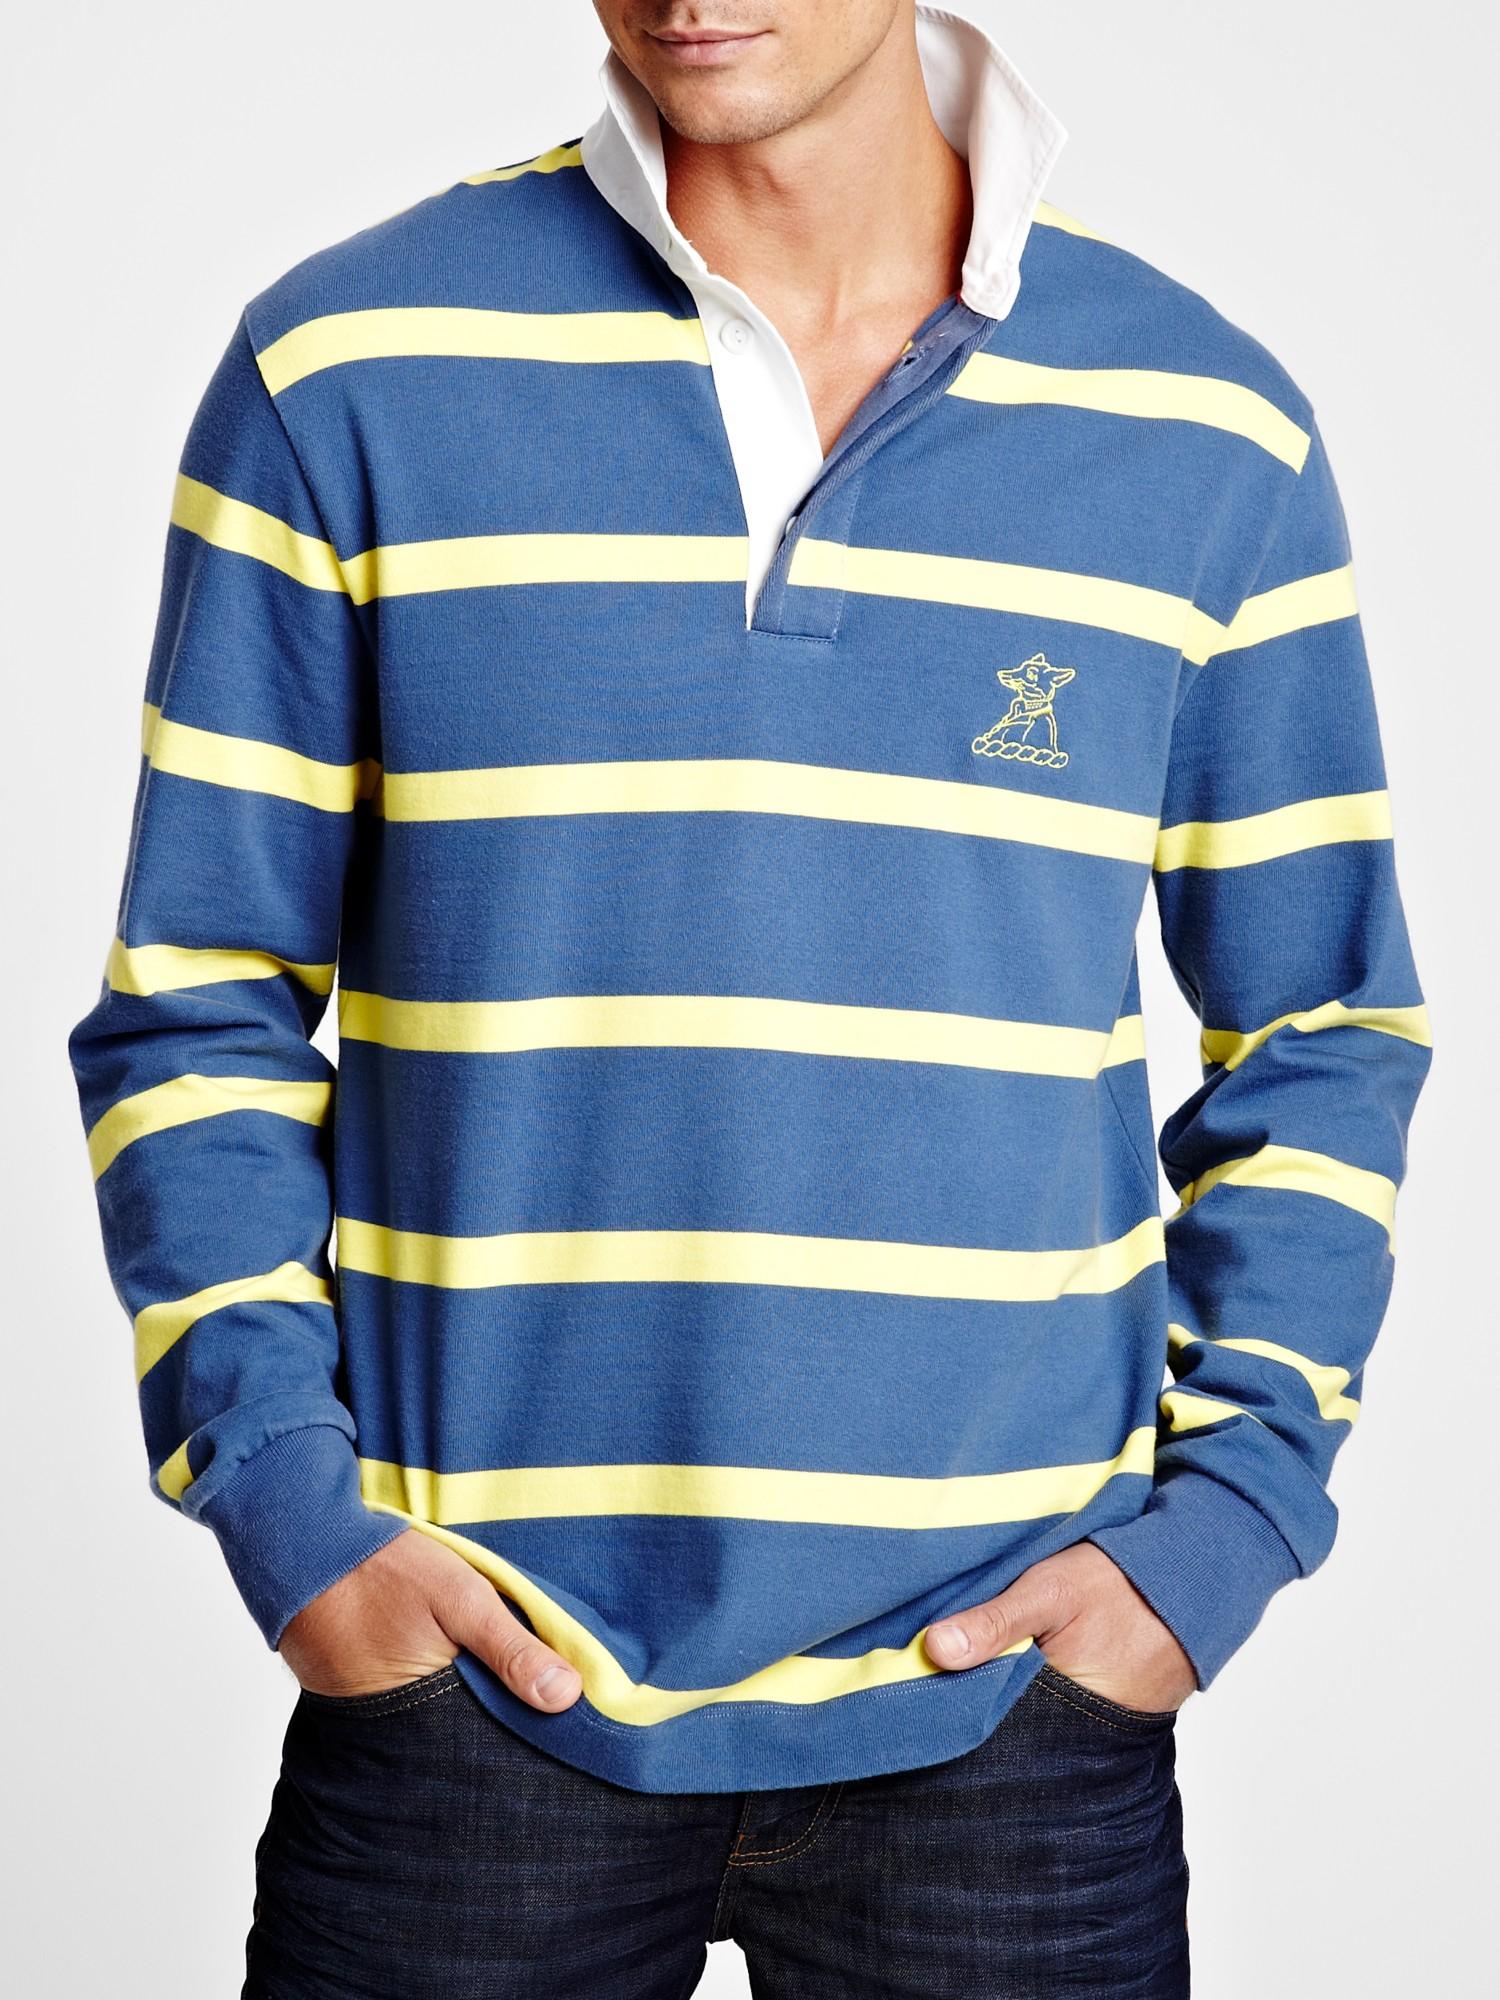 Thomas Pink Mens Polo Shirts